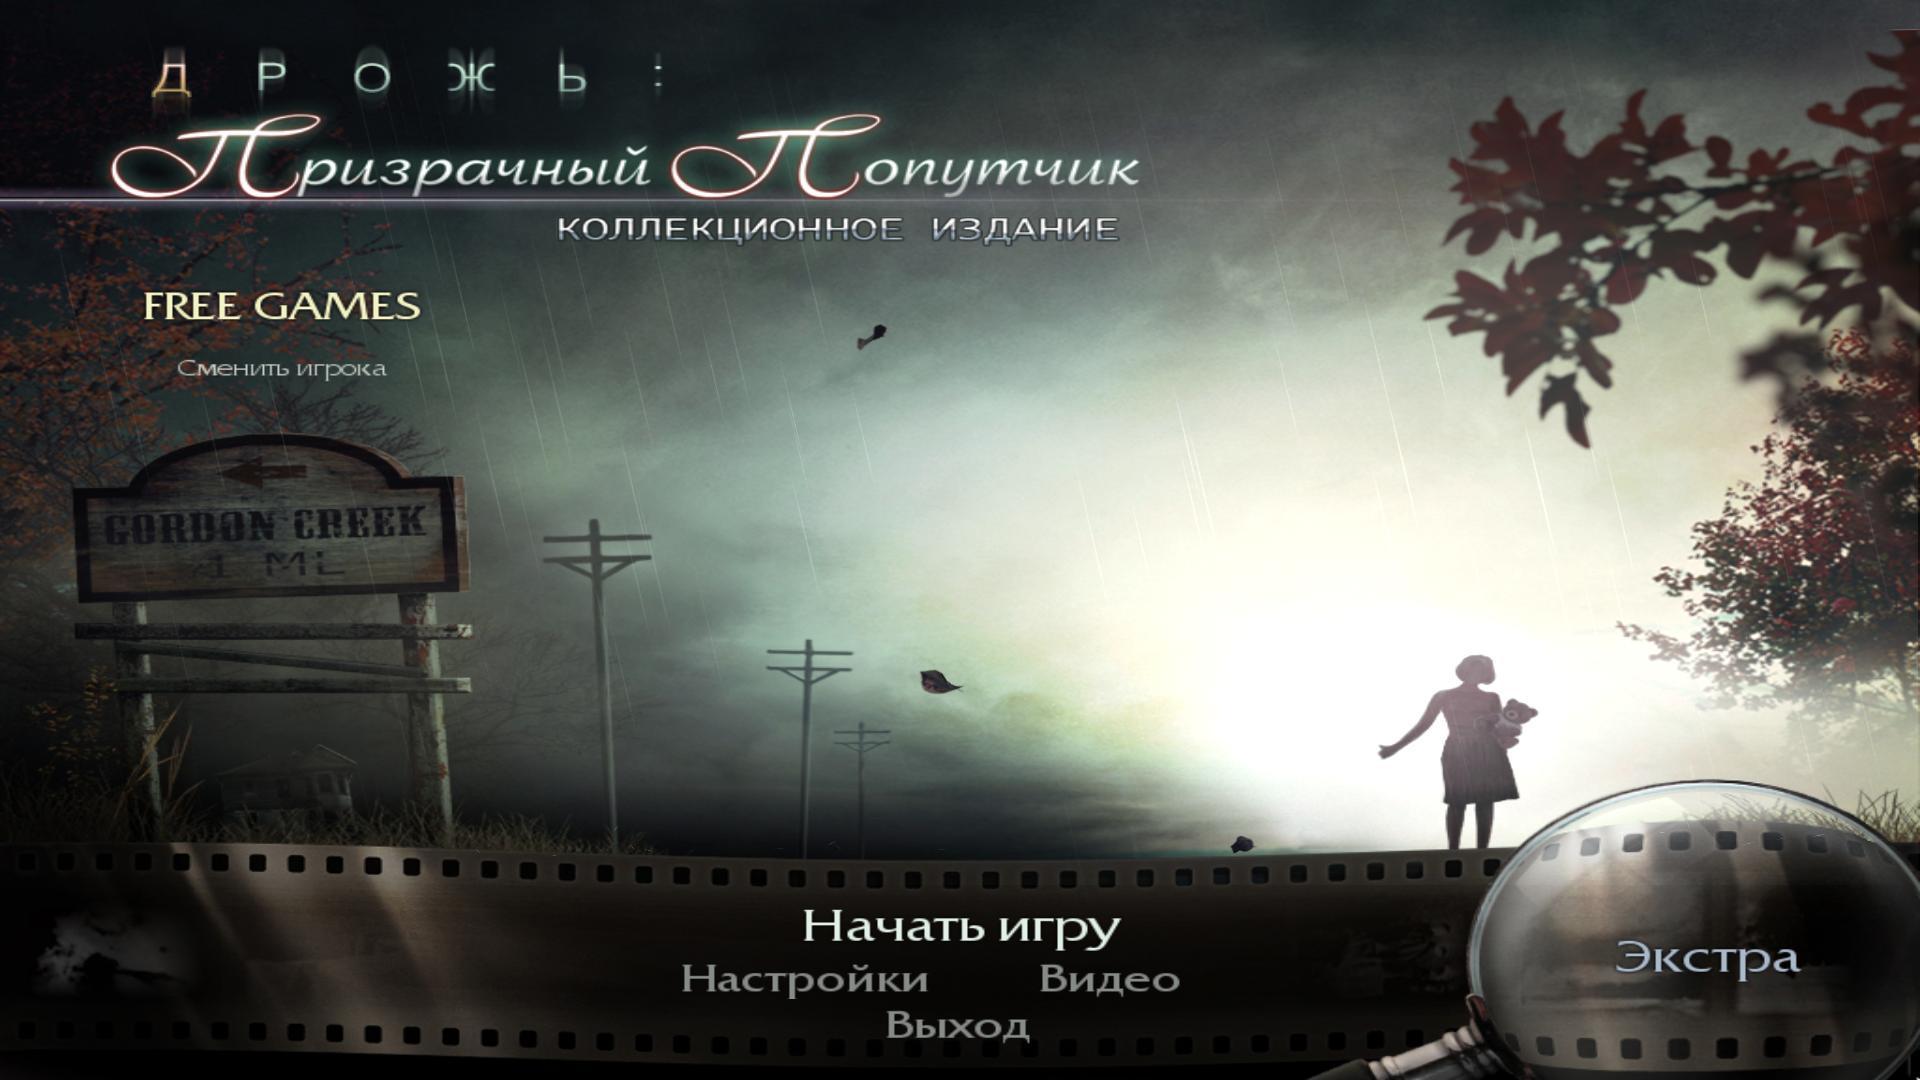 Дрожь: Призрачный попутчик. Коллекционное издание | Shiver: Vanishing Hitchhiker CE (Rus)